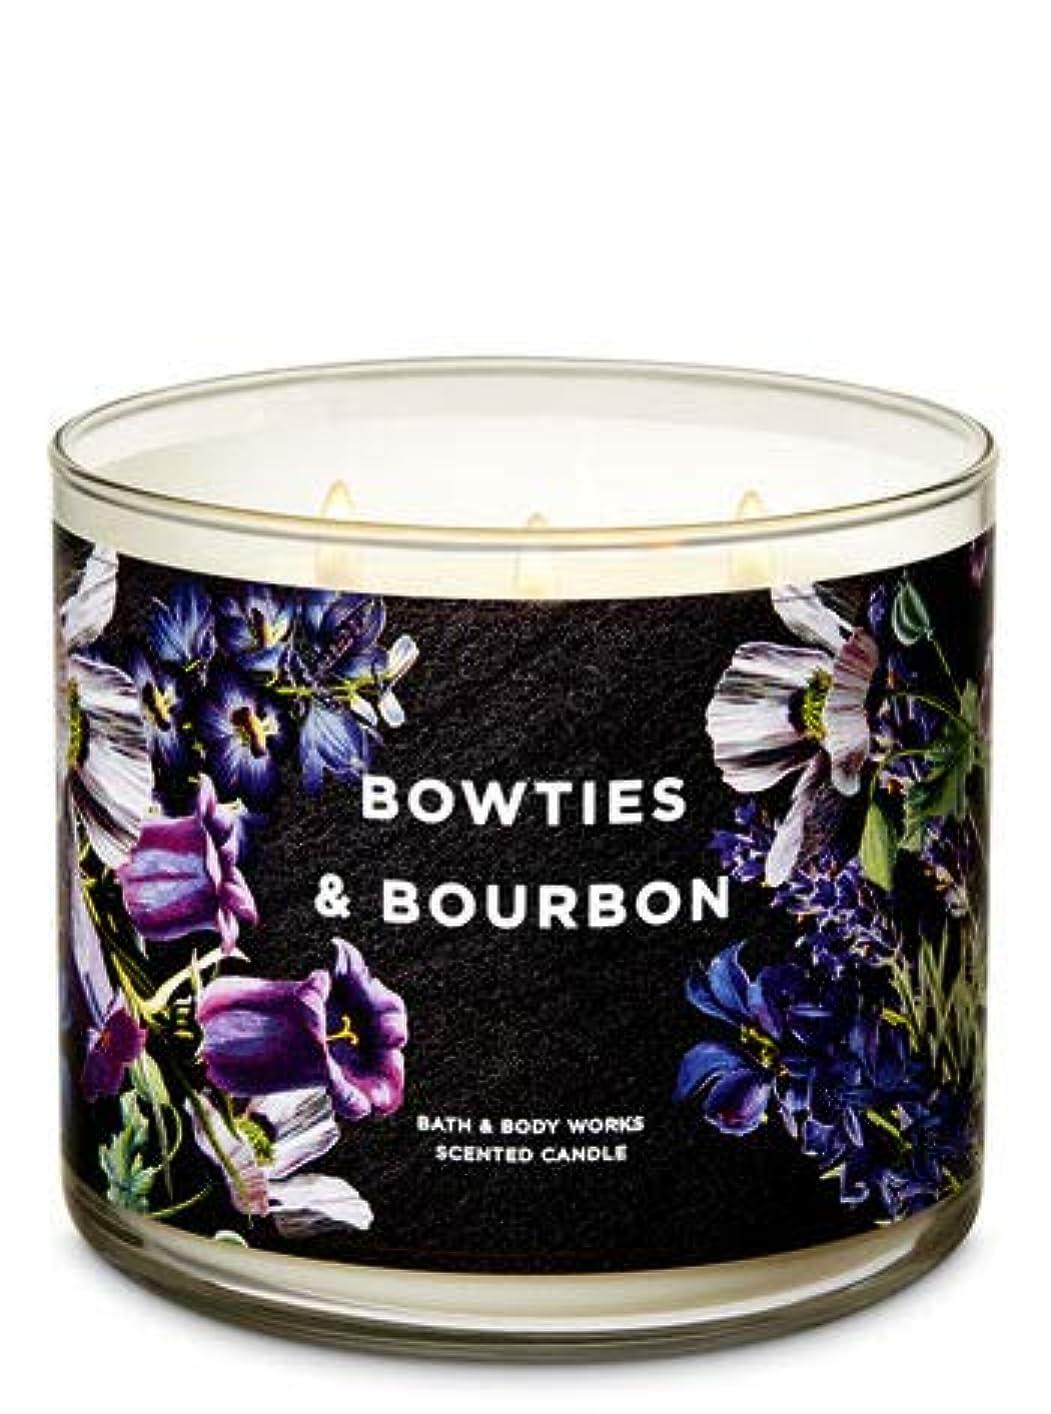 犯罪上院小石【Bath&Body Works/バス&ボディワークス】 アロマキャンドル ボウタイ&バーボン 3-Wick Scented Candle Bowties & Bourbon 14.5oz/411g [並行輸入品]